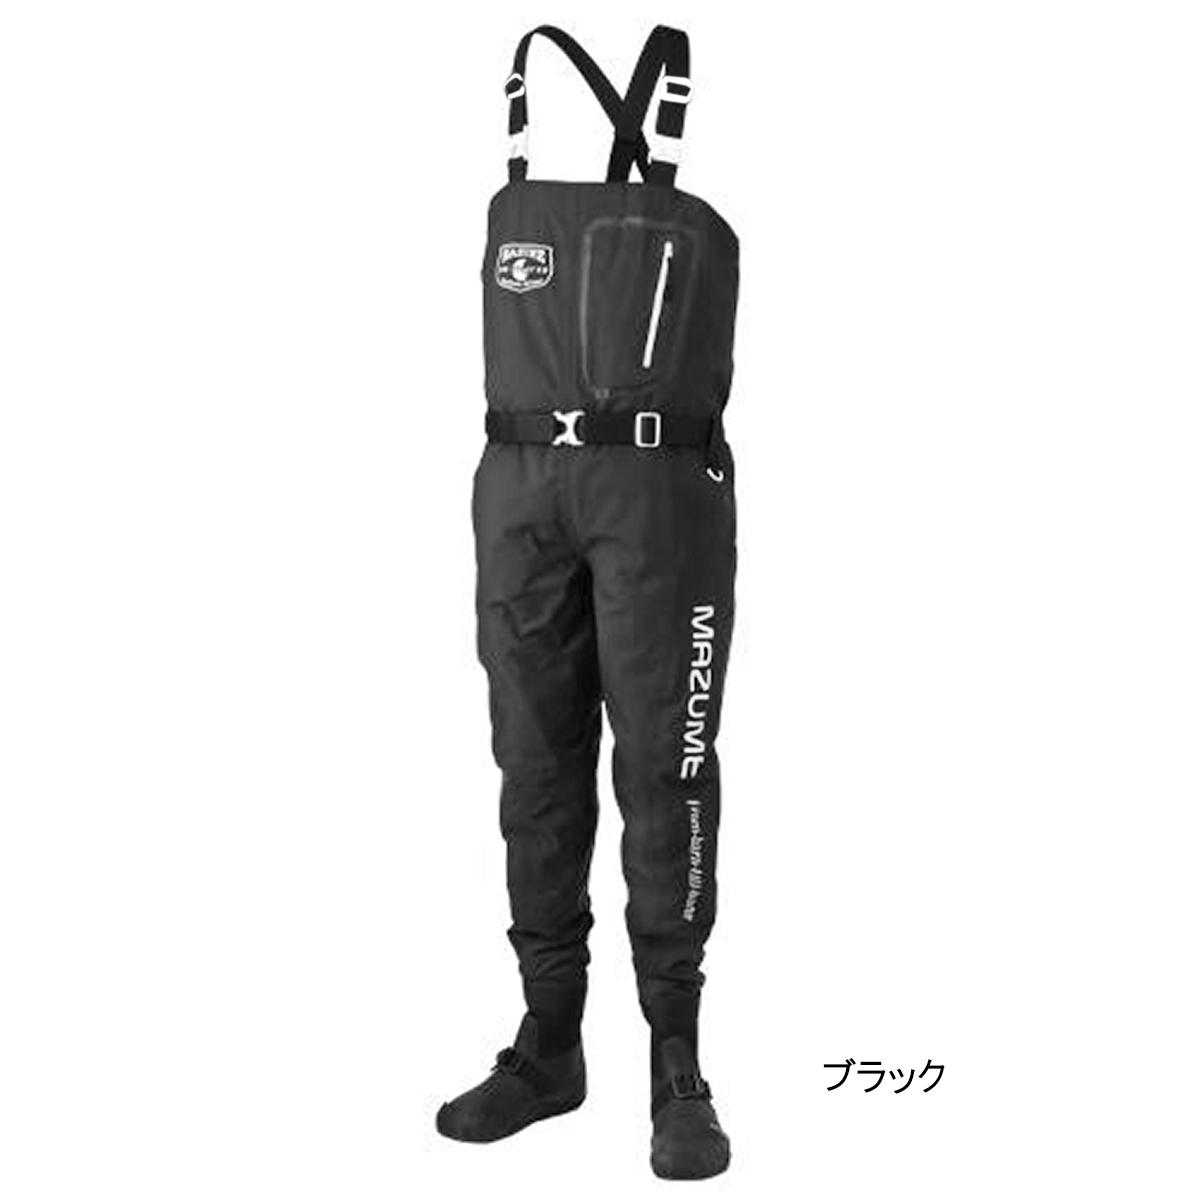 オレンジブルー mazume サーフウェイダー EXTREME MZBF-365 M ブラック【送料無料】